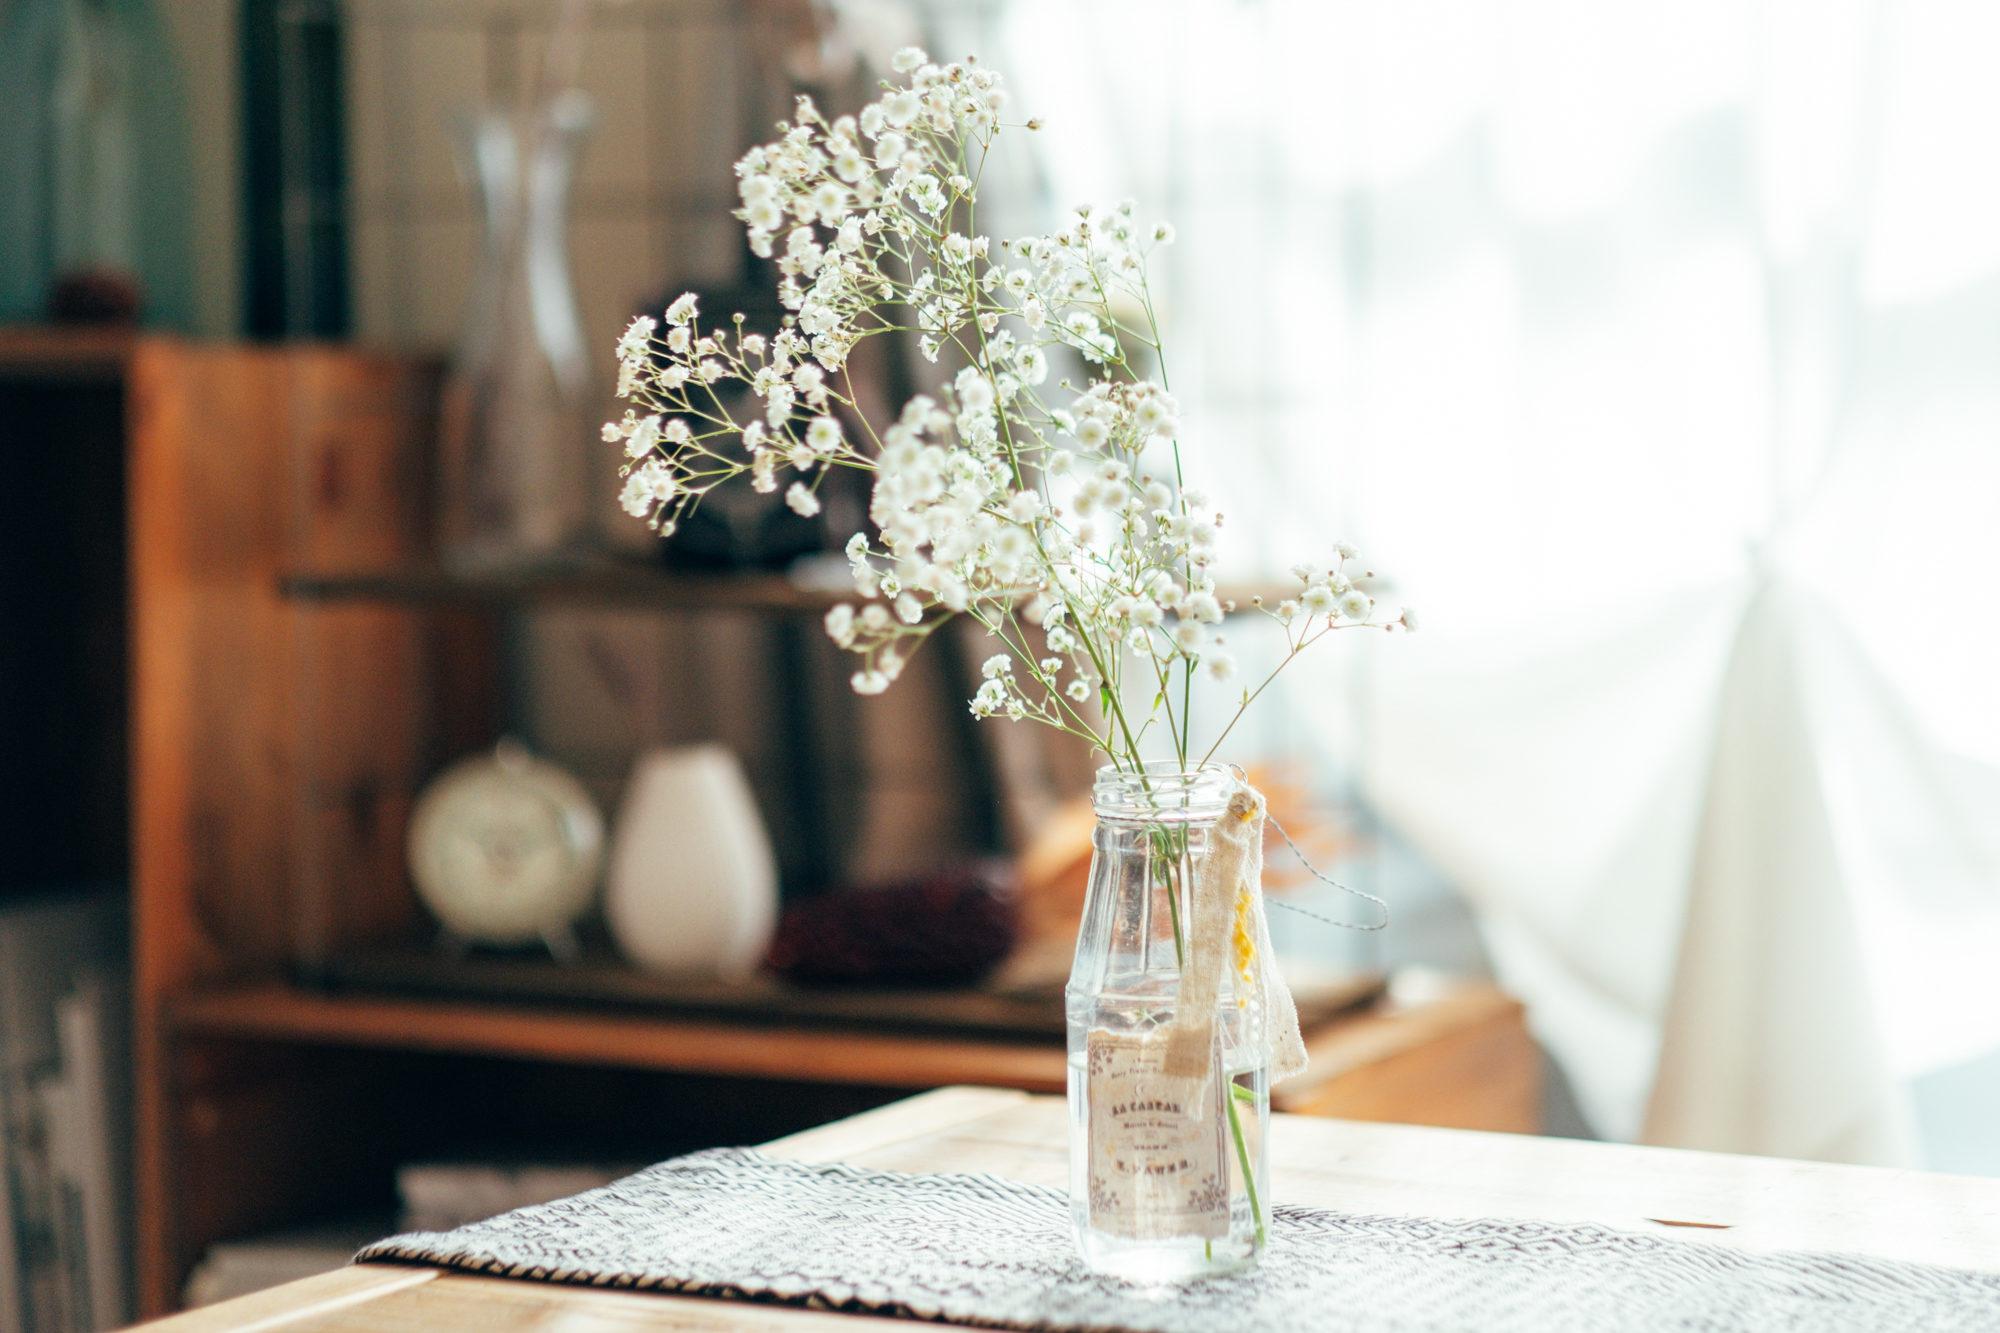 部屋のカラーは落ち着いた空間にしたいという思いもあり、グレー、ブラウン、ベージュで揃えるようにしています。そこにお花などの植物を差し色として加えています。